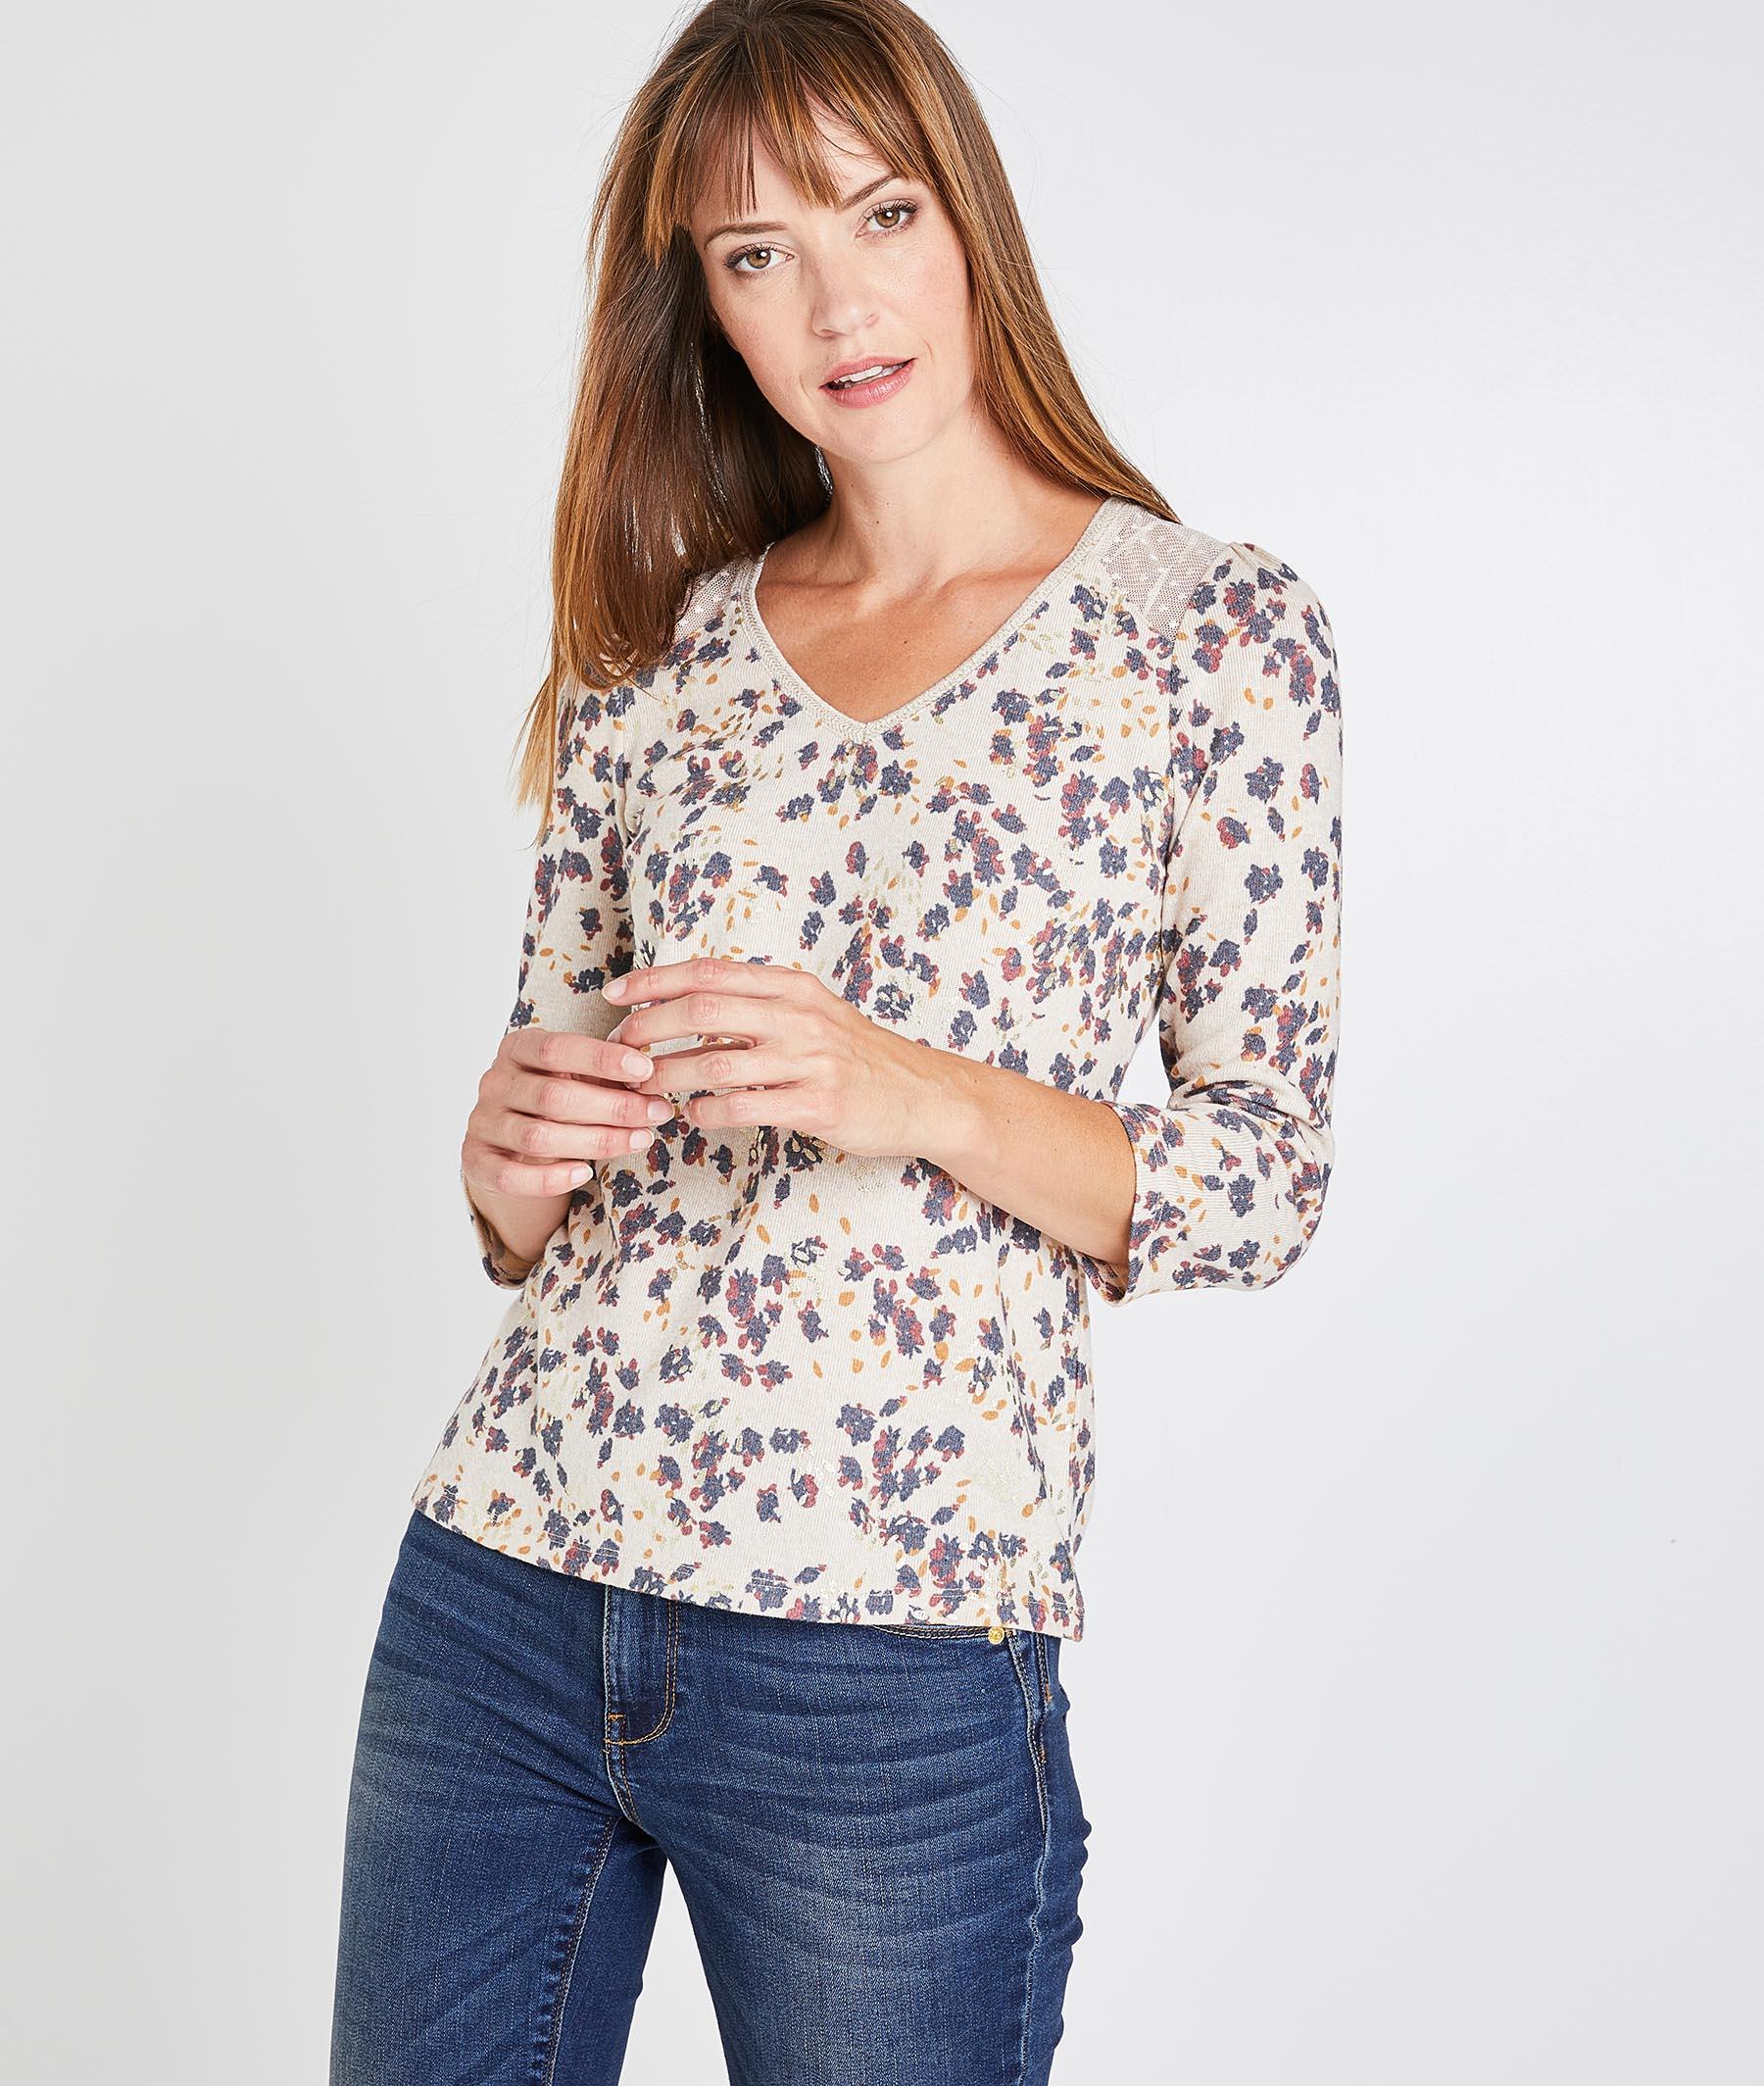 T-shirt fleuri femme BEIGE